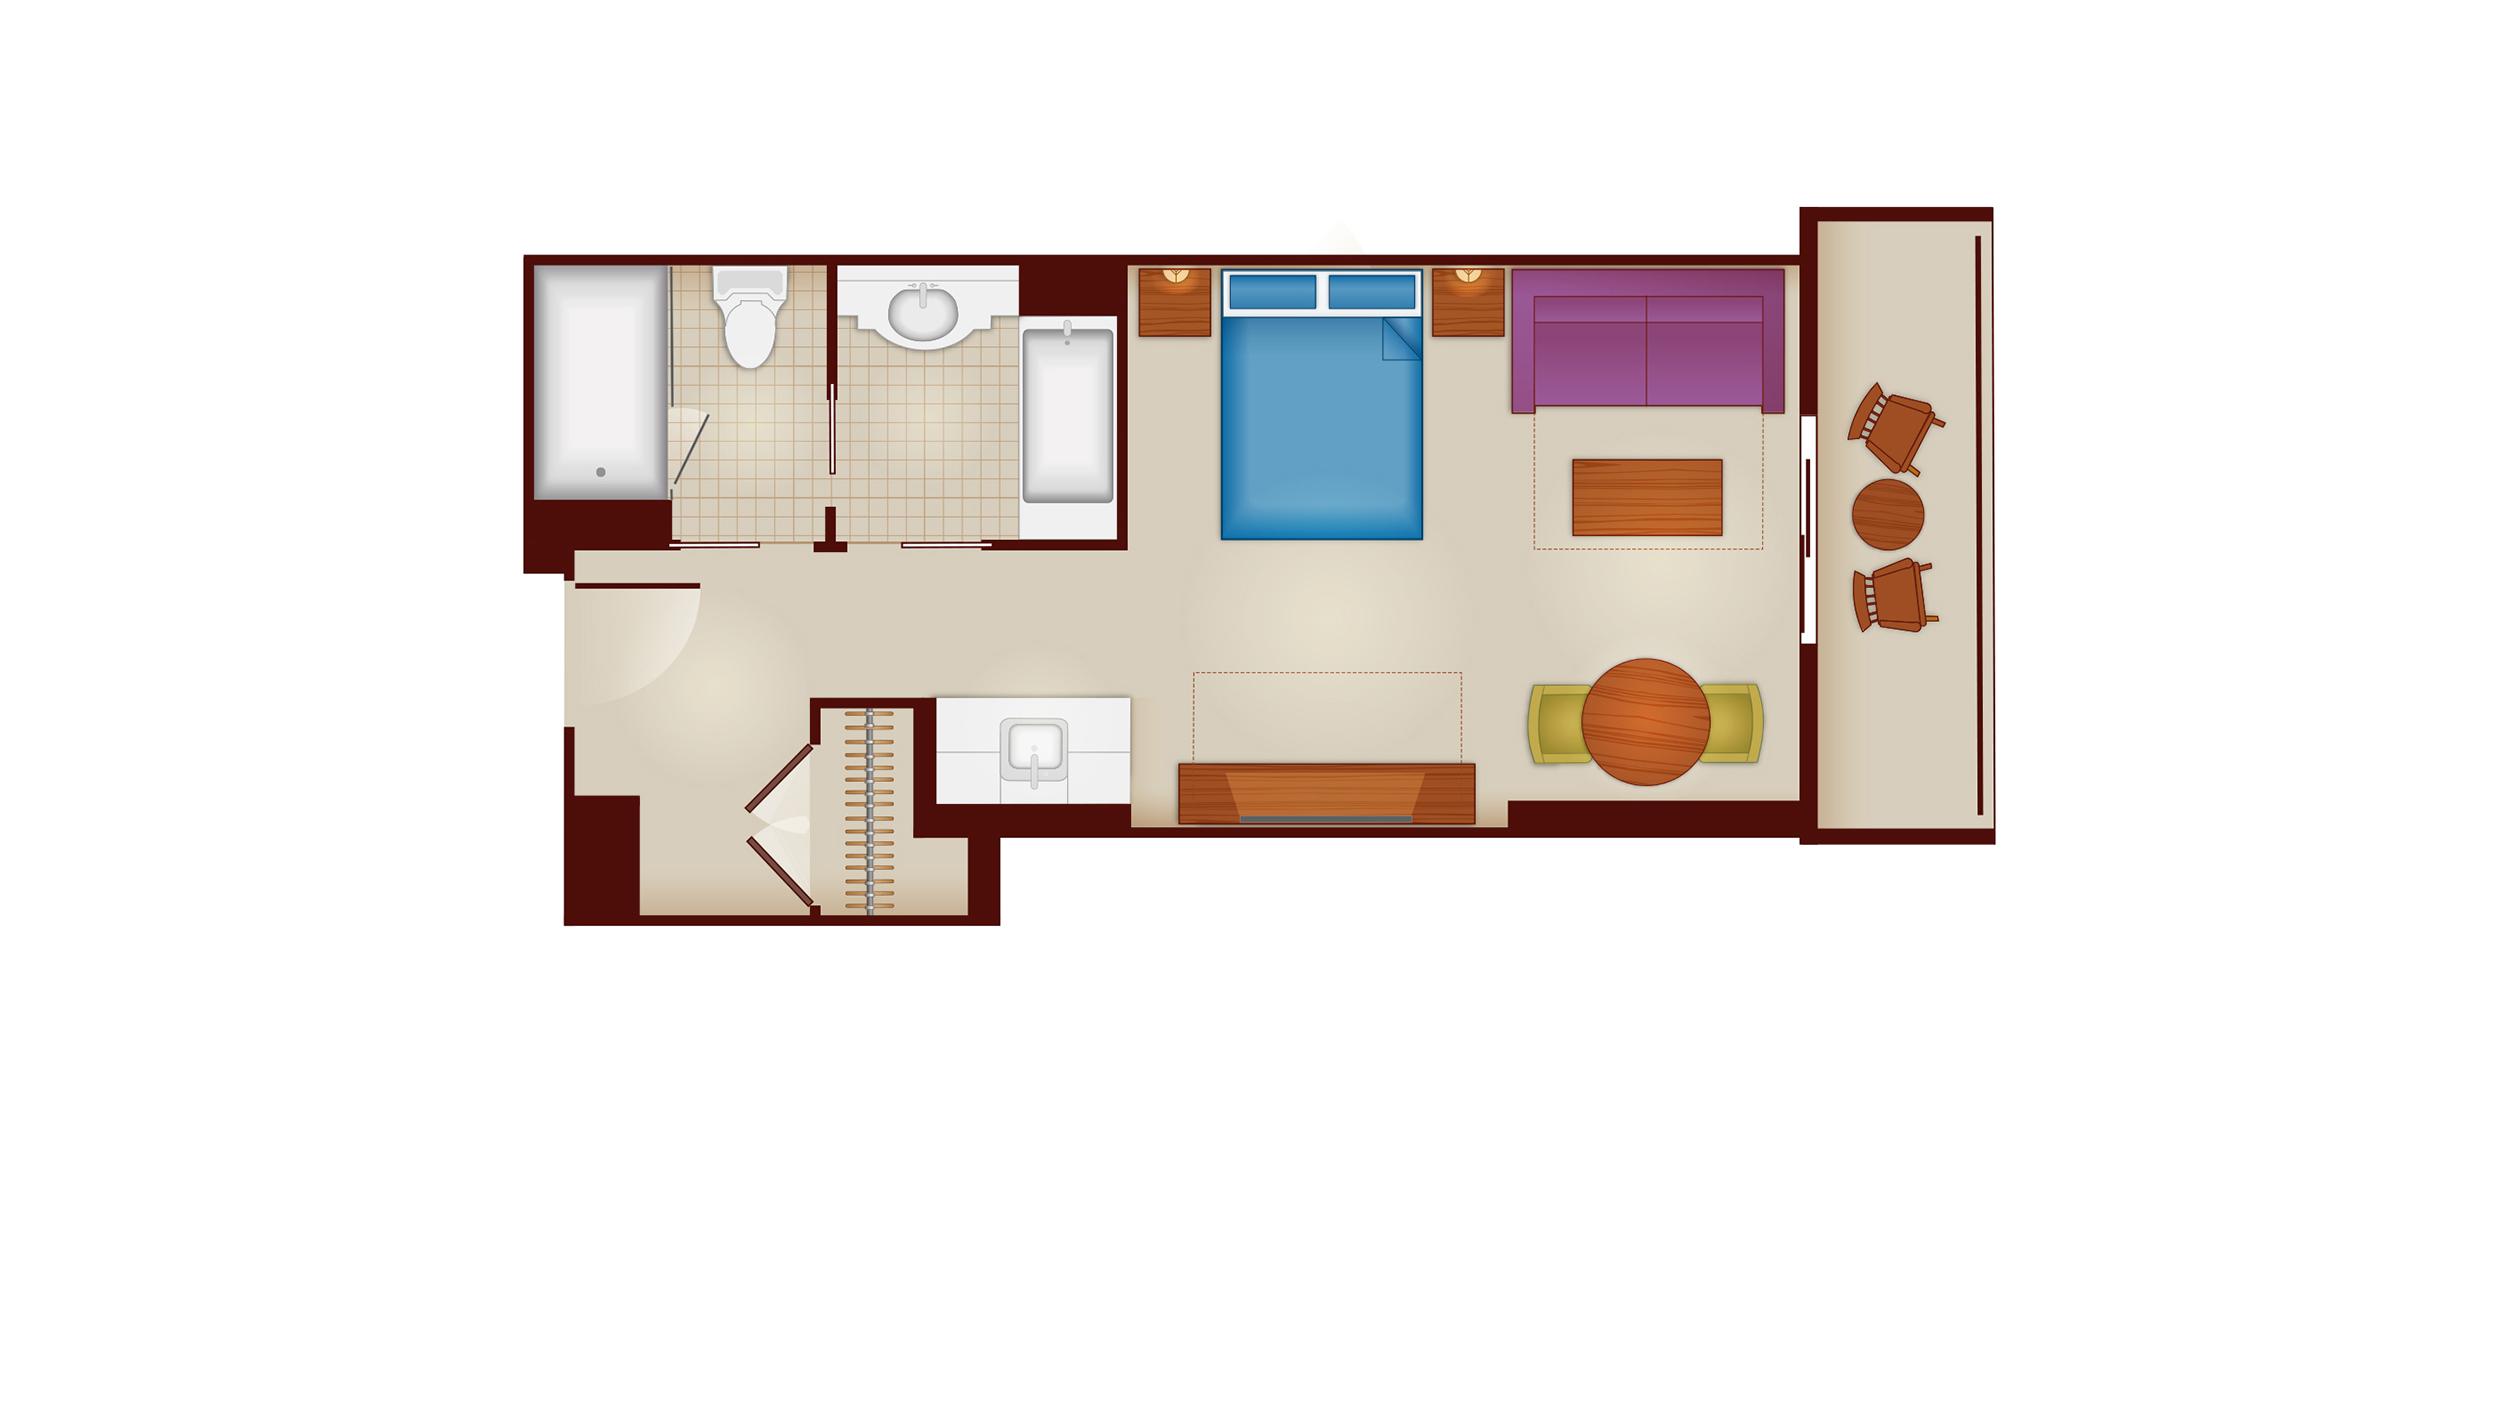 Riviera - Deluxe Studio Floor Plan